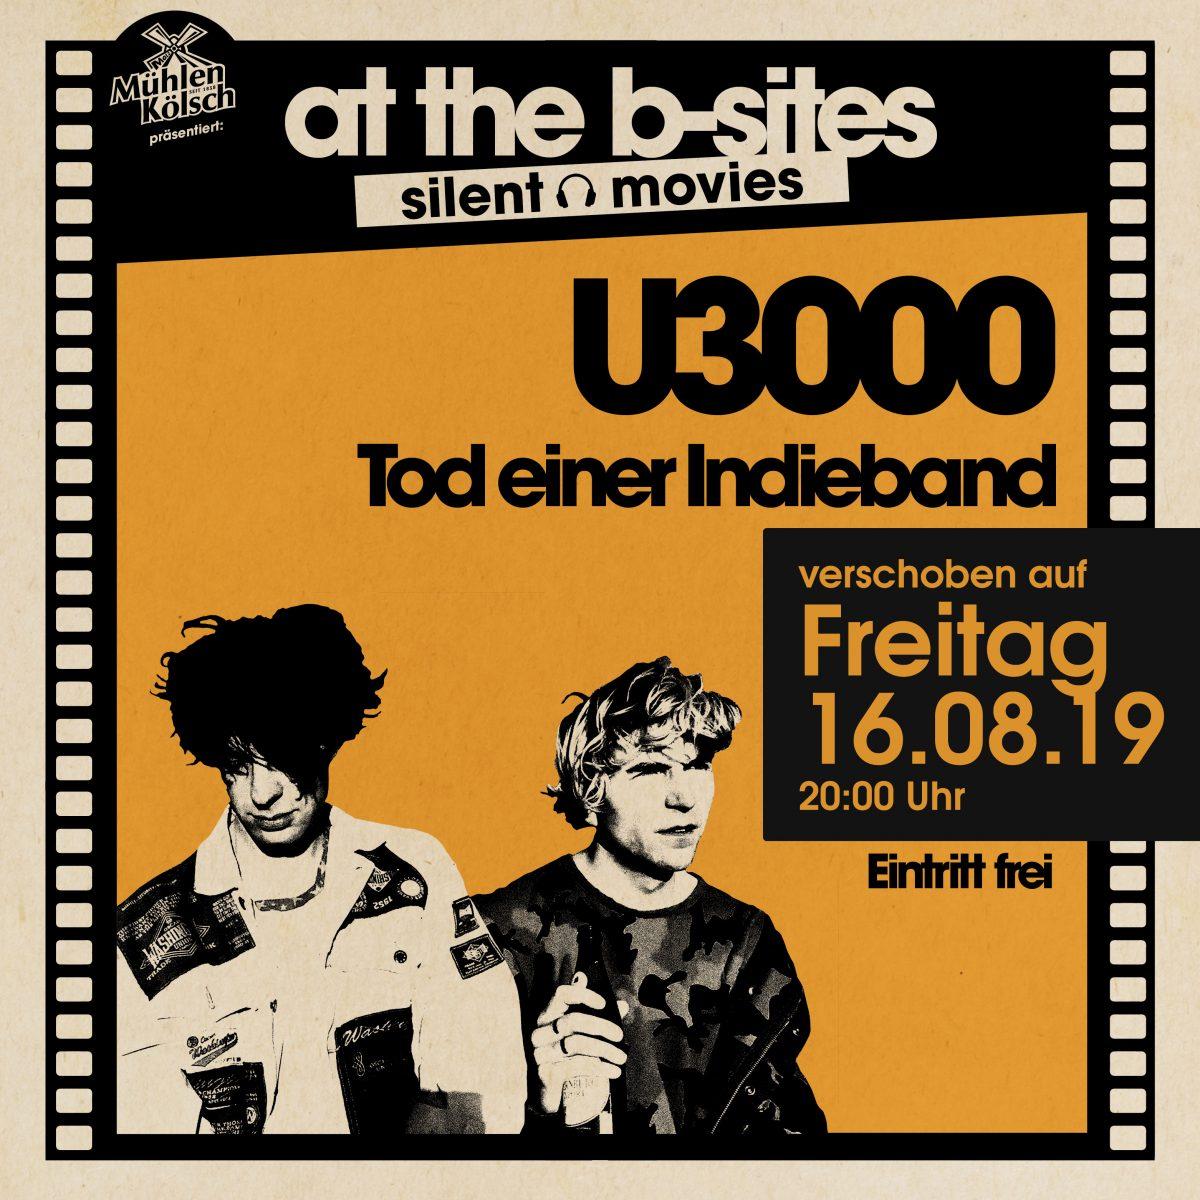 U3000 Tod Einer Indieband